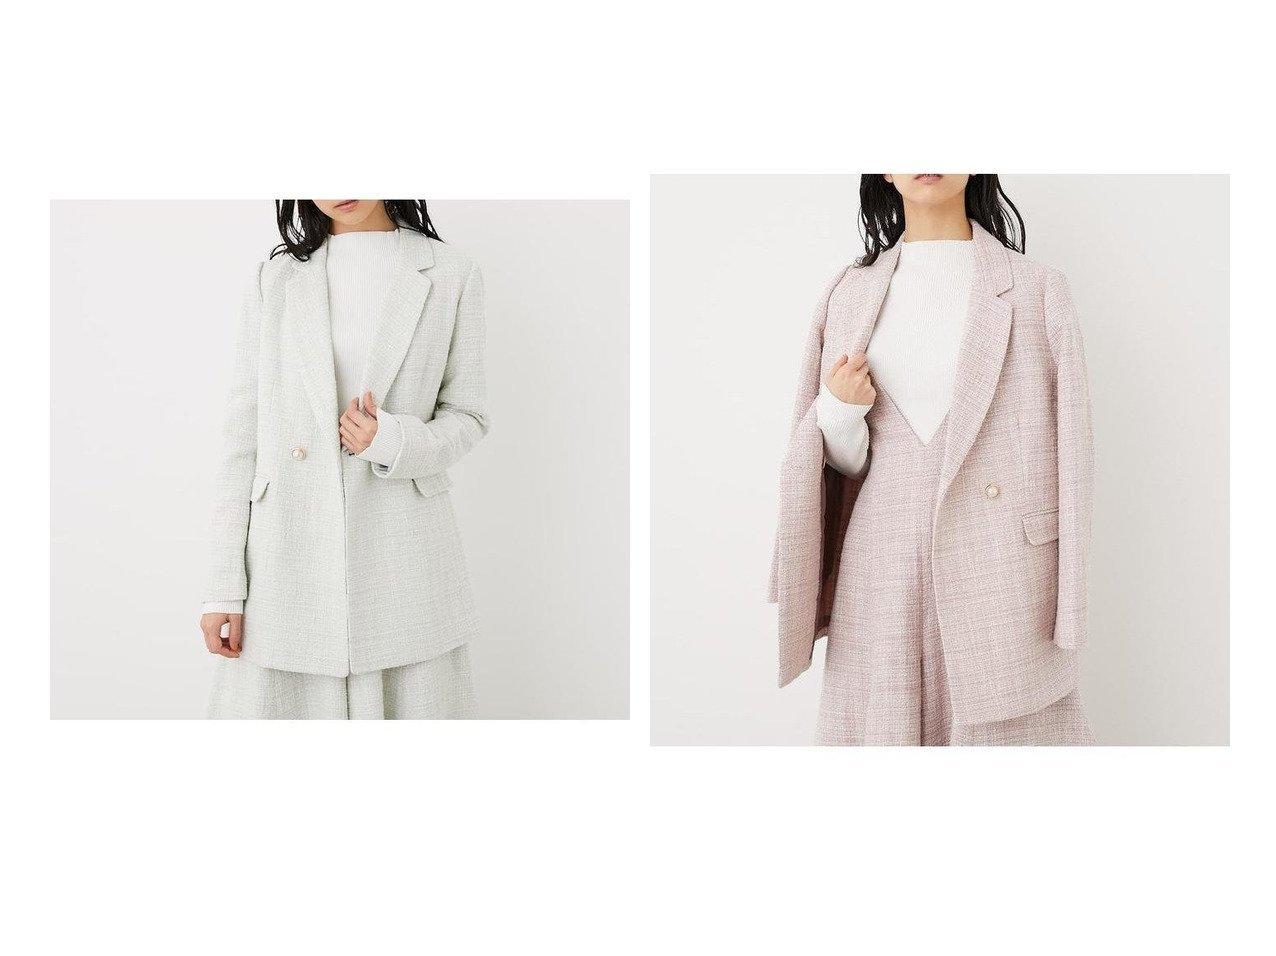 【rienda/リエンダ】のツイードテーラードJK アウターのおすすめ!人気、トレンド・レディースファッションの通販 おすすめで人気の流行・トレンド、ファッションの通販商品 メンズファッション・キッズファッション・インテリア・家具・レディースファッション・服の通販 founy(ファニー) https://founy.com/ ファッション Fashion レディースファッション WOMEN アウター Coat Outerwear ジャケット Jackets NEW・新作・新着・新入荷 New Arrivals オケージョン ジャケット ツイード テーラード パール |ID:crp329100000022679